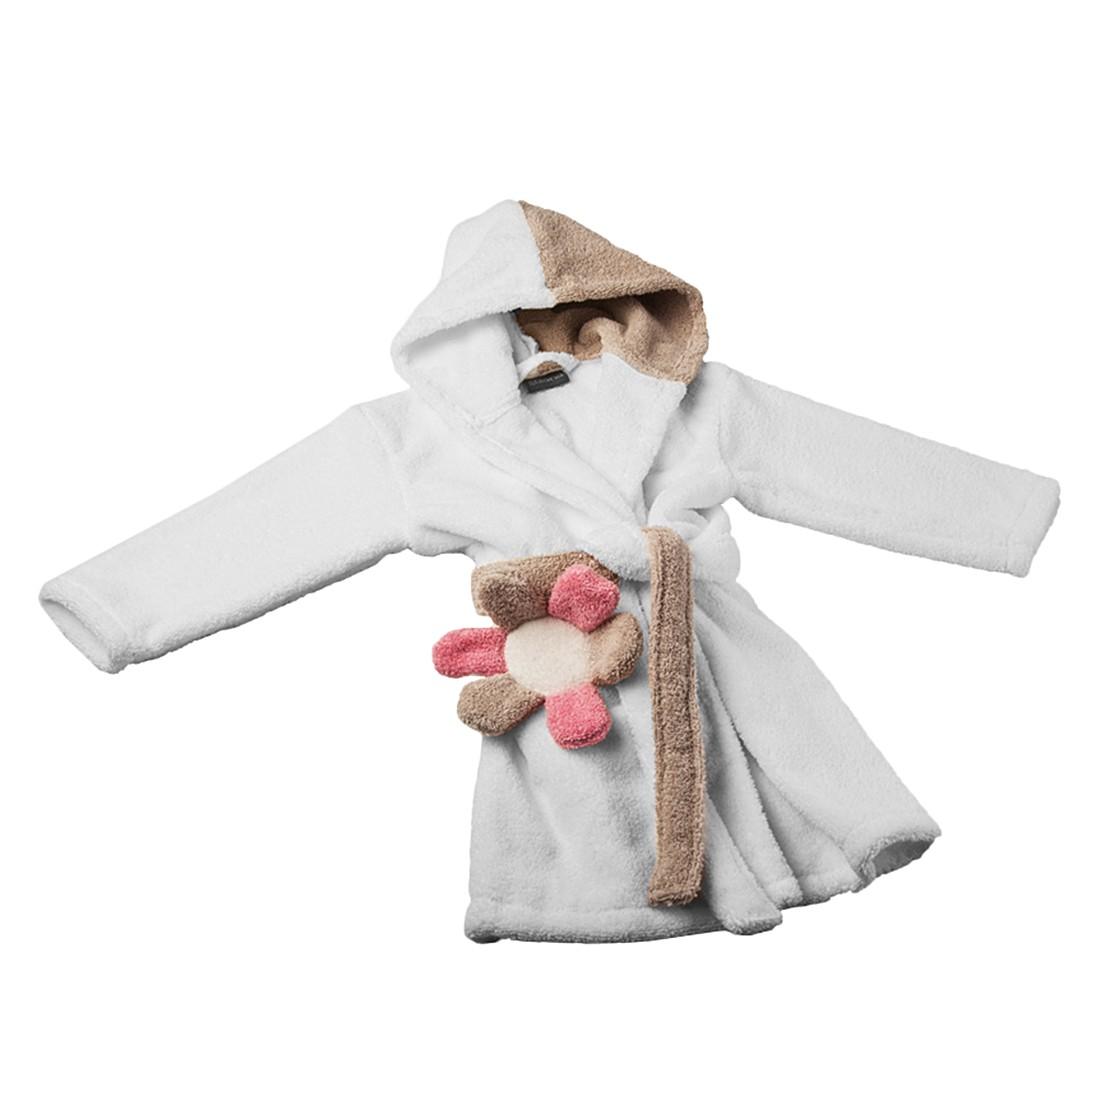 Home 24 - Peignoir de bain pour enfant happy - 100% coton - vanille / crème, stilana